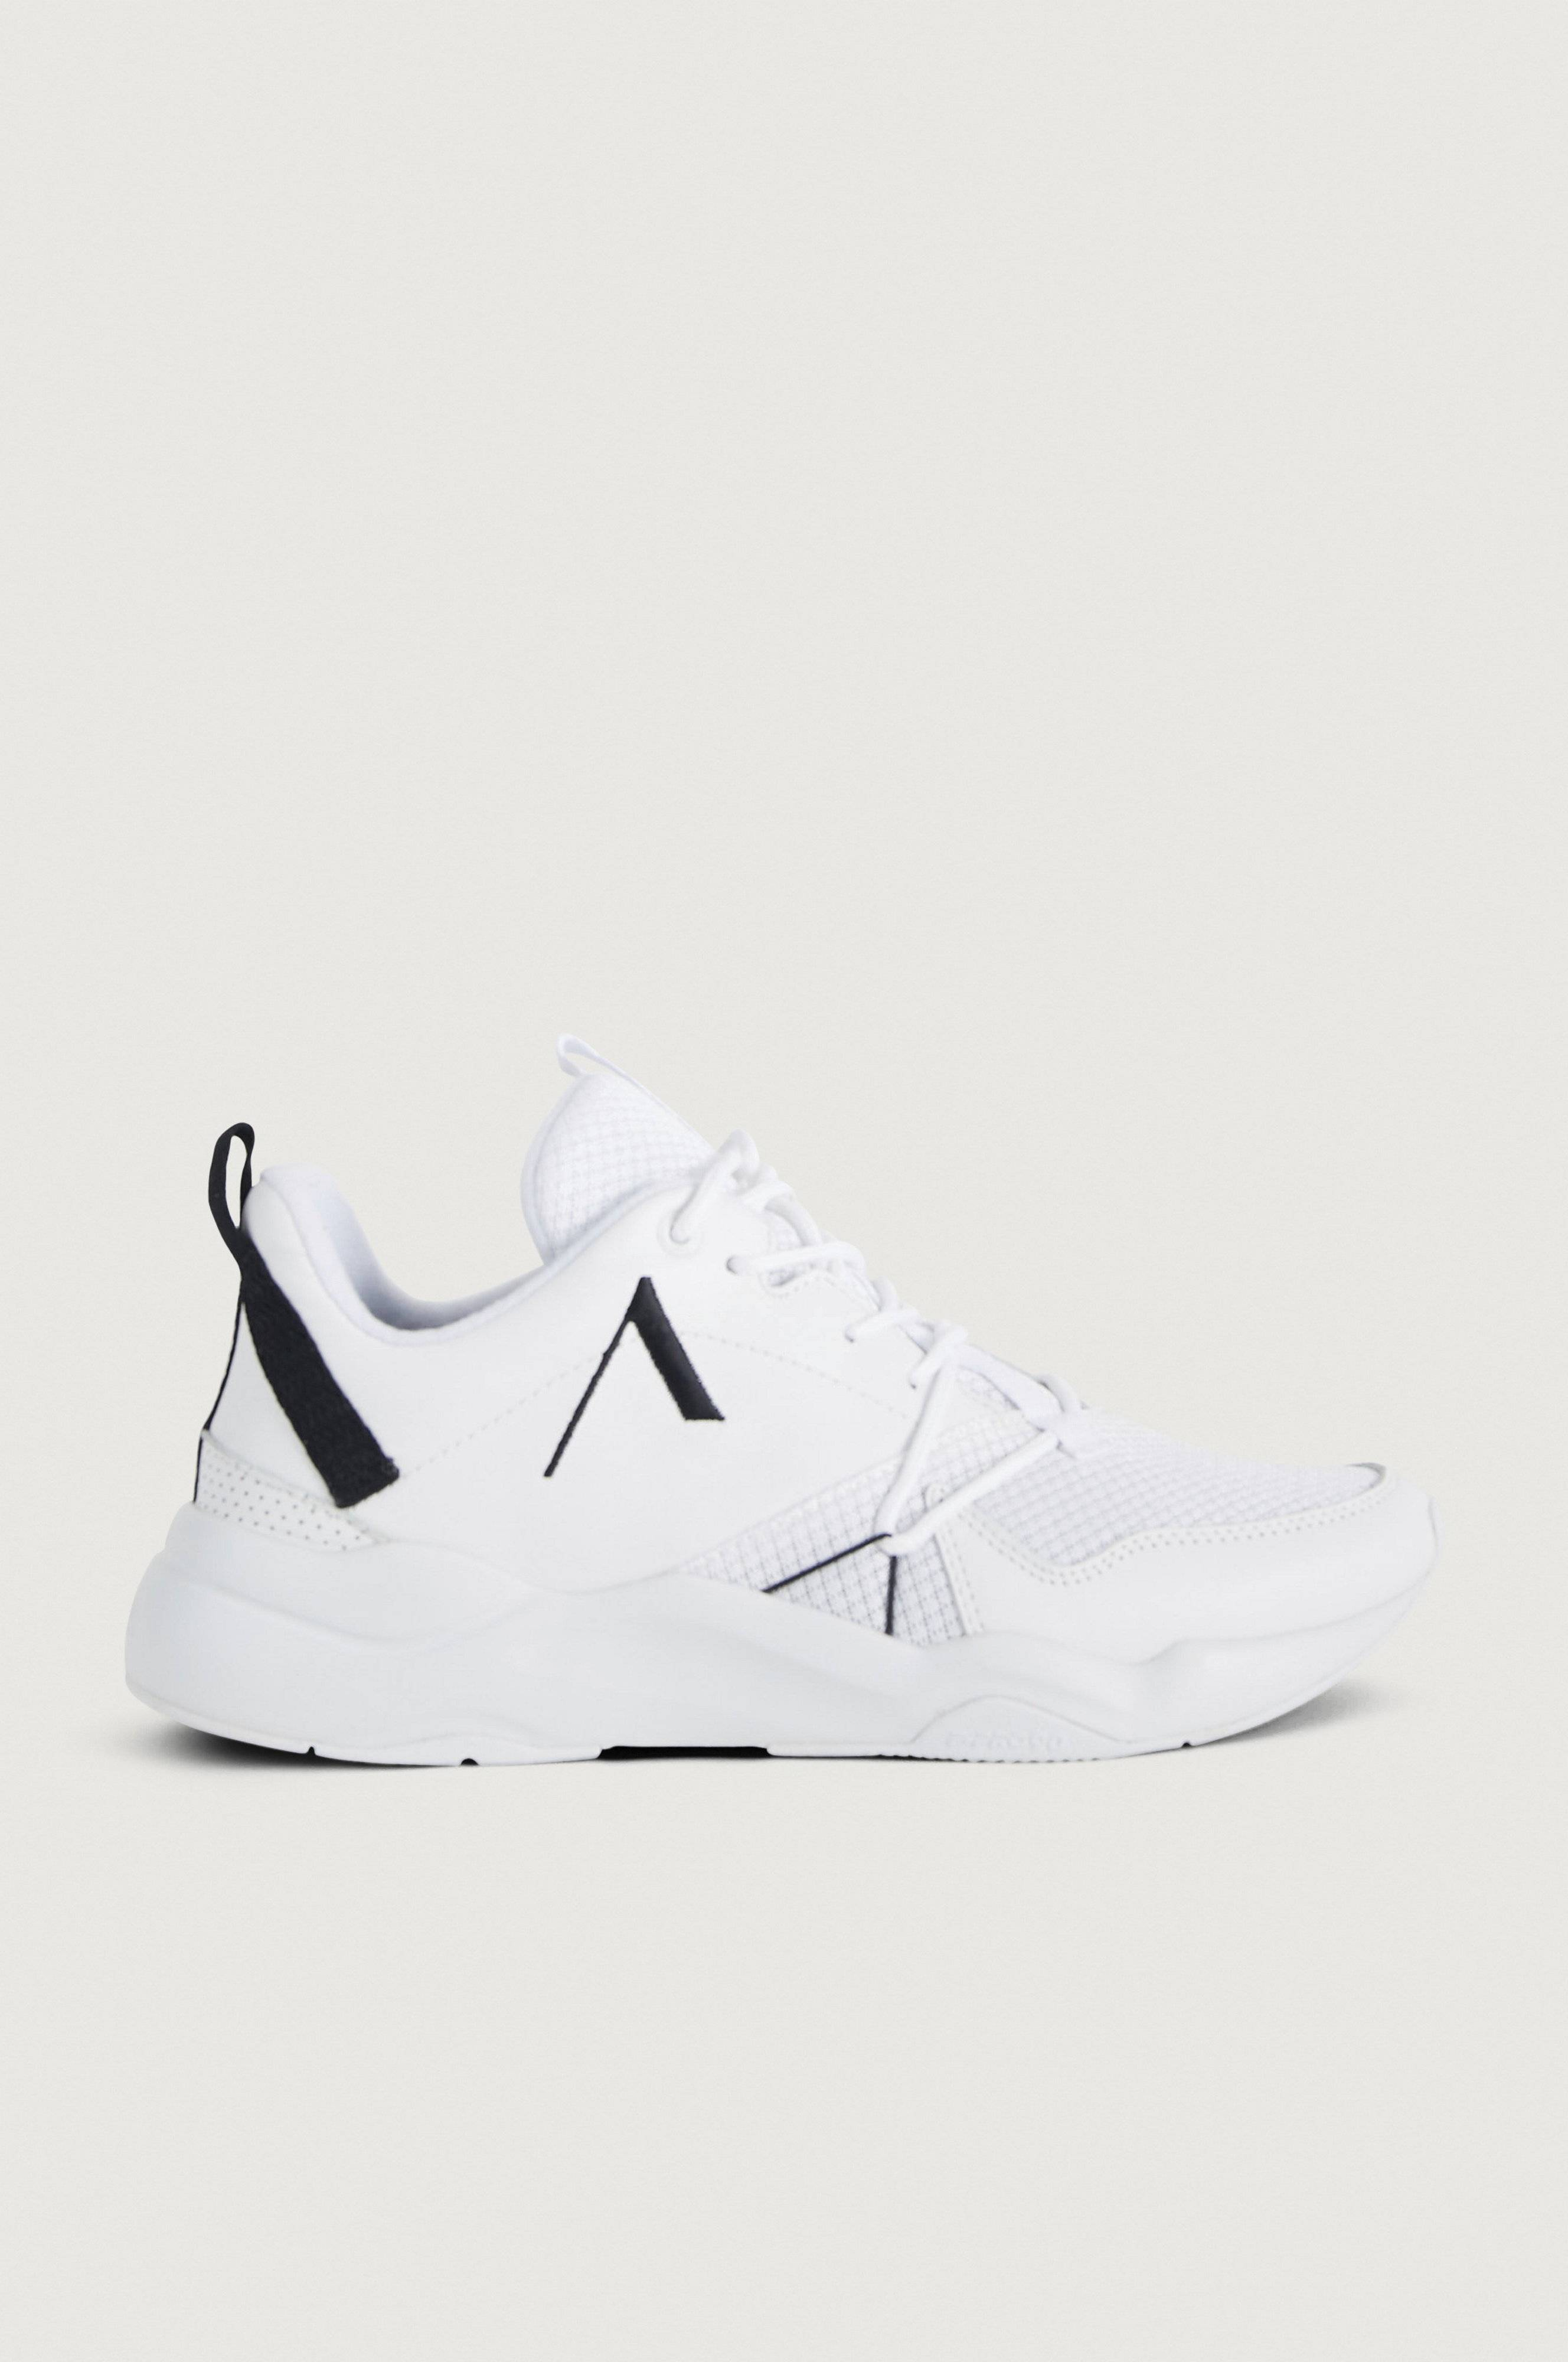 Sneakers Asymtrix Mesh F PRO90 White Black M